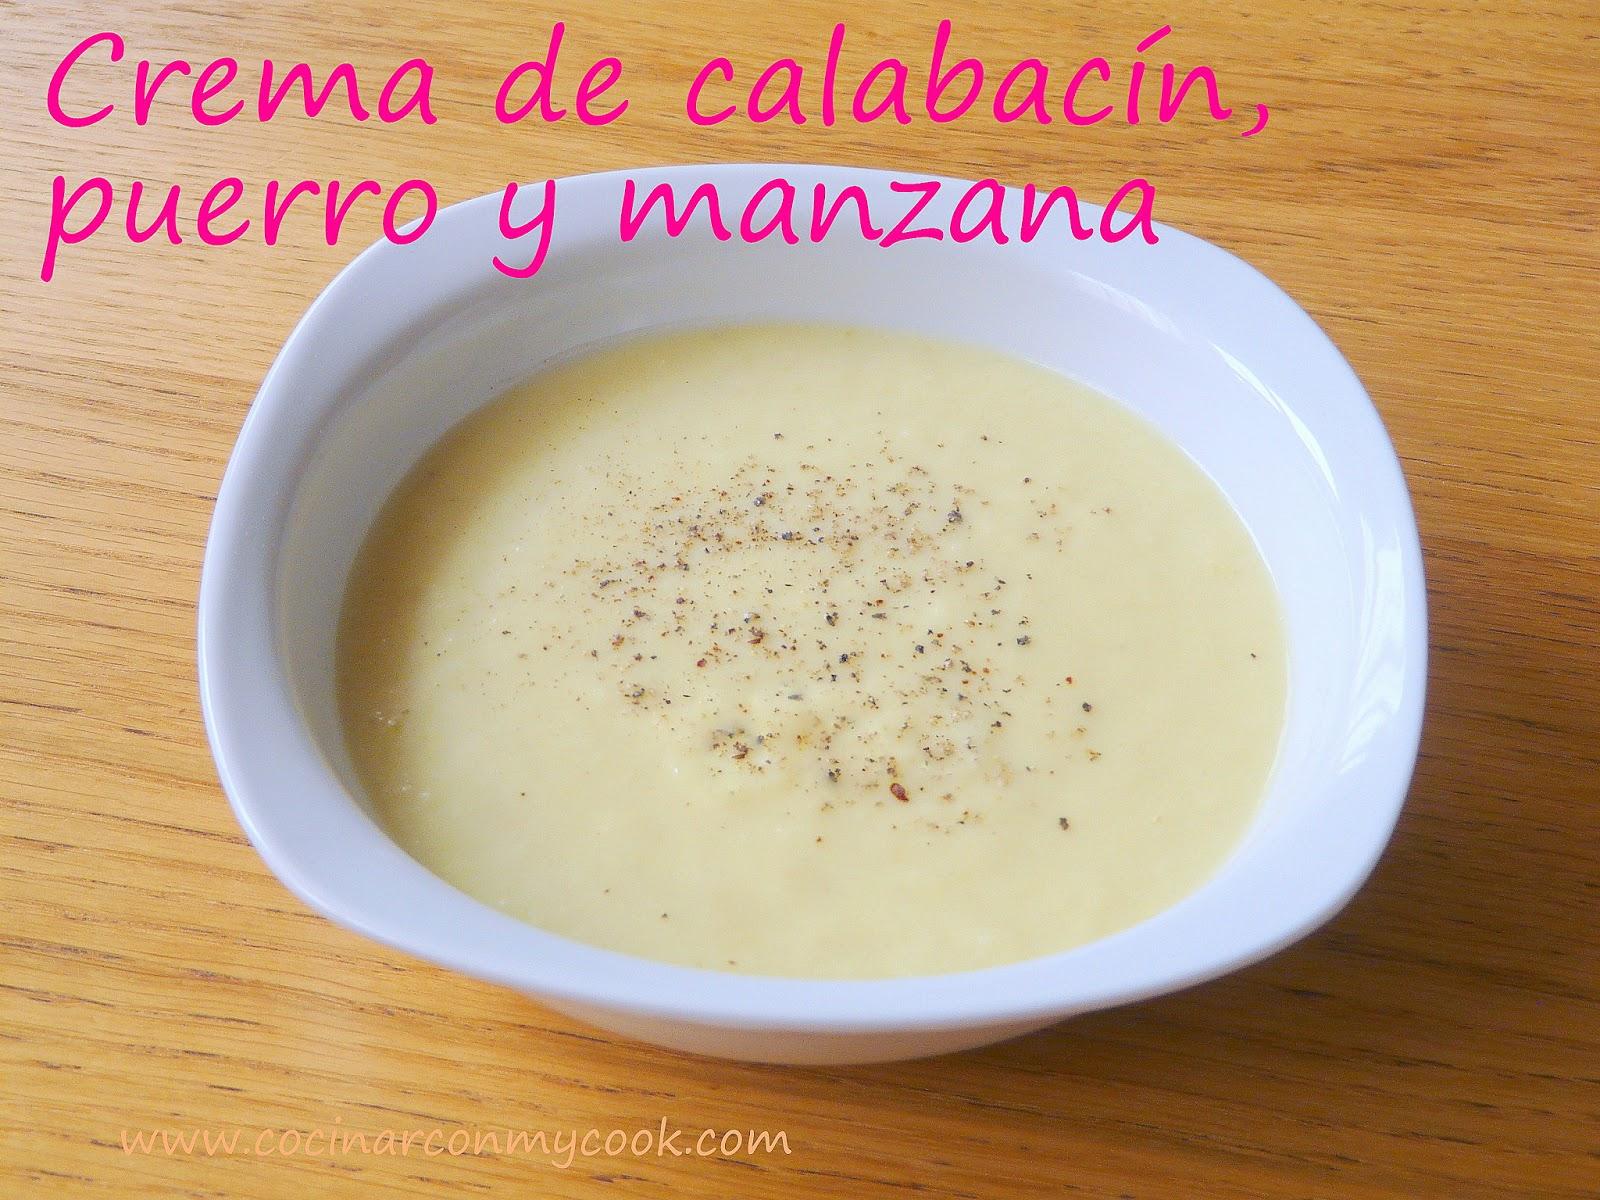 Cocinar Puerro | Cocinar Con Mycook Crema De Calabacin Puerro Y Manzana